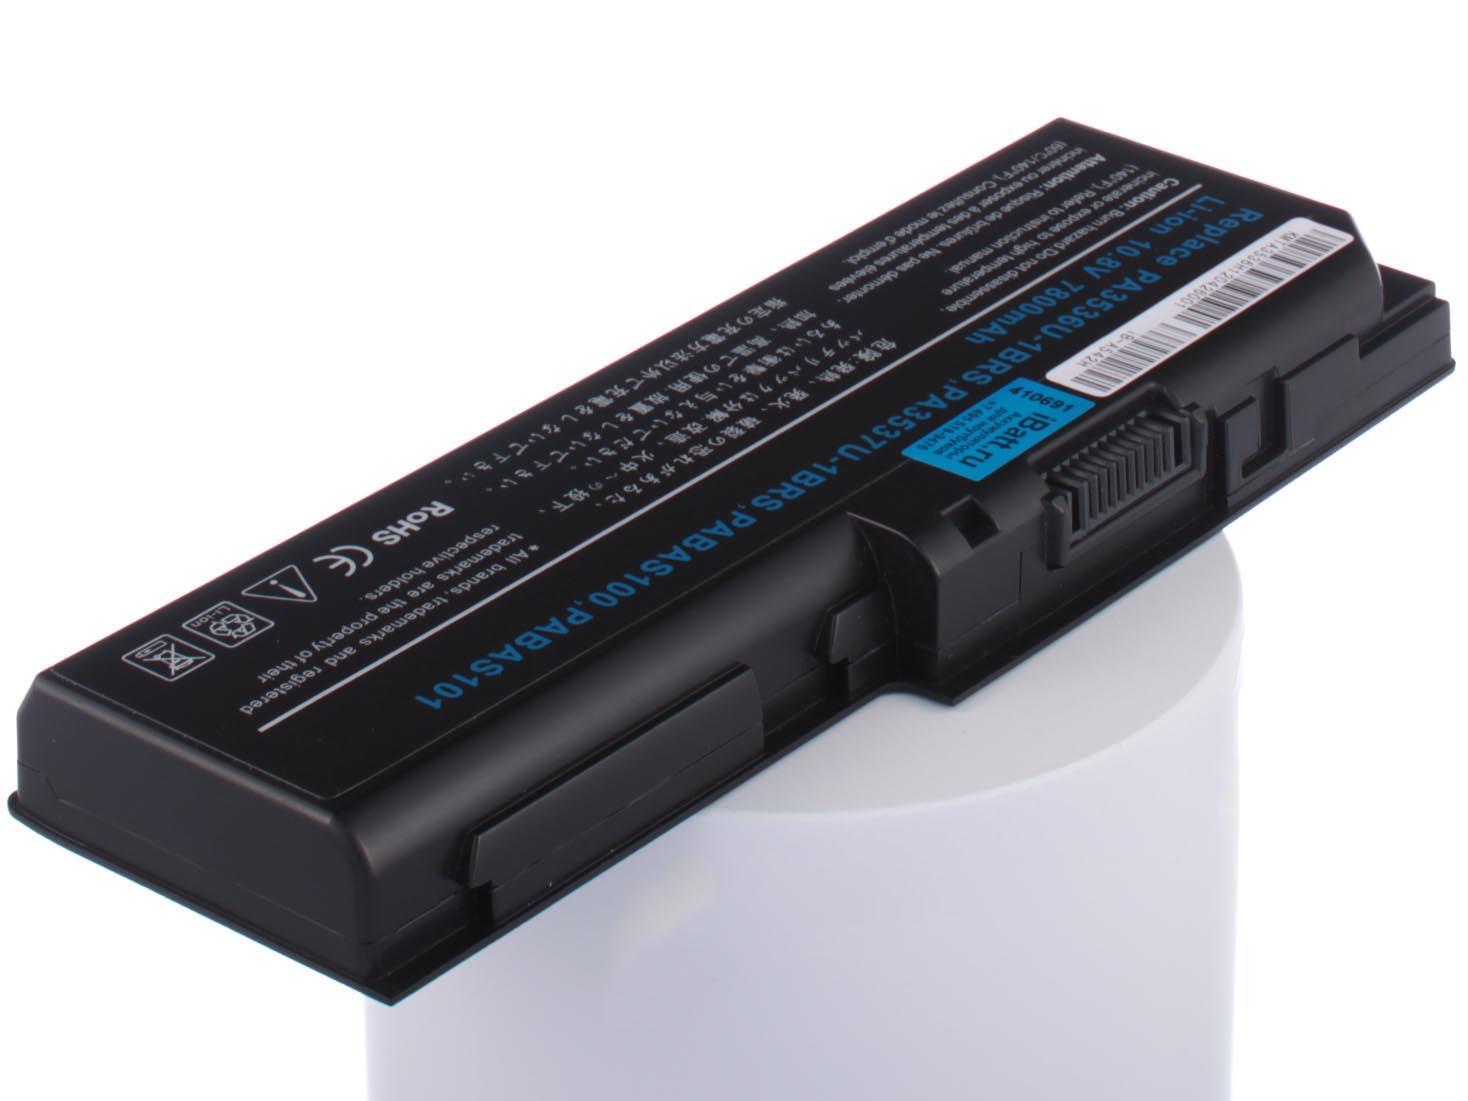 Аккумулятор для ноутбука iBatt для ToshiBa Satellite P200-1I4, Satellite L350D-10X, Satellite P300D-10U, Satellite P300-20A, Satellite P300-1A7, Satellite P300-20B, Satellite P200-1B8, Satellite P300D-20U, Satellite L350-22R подвес diffusor p200 8